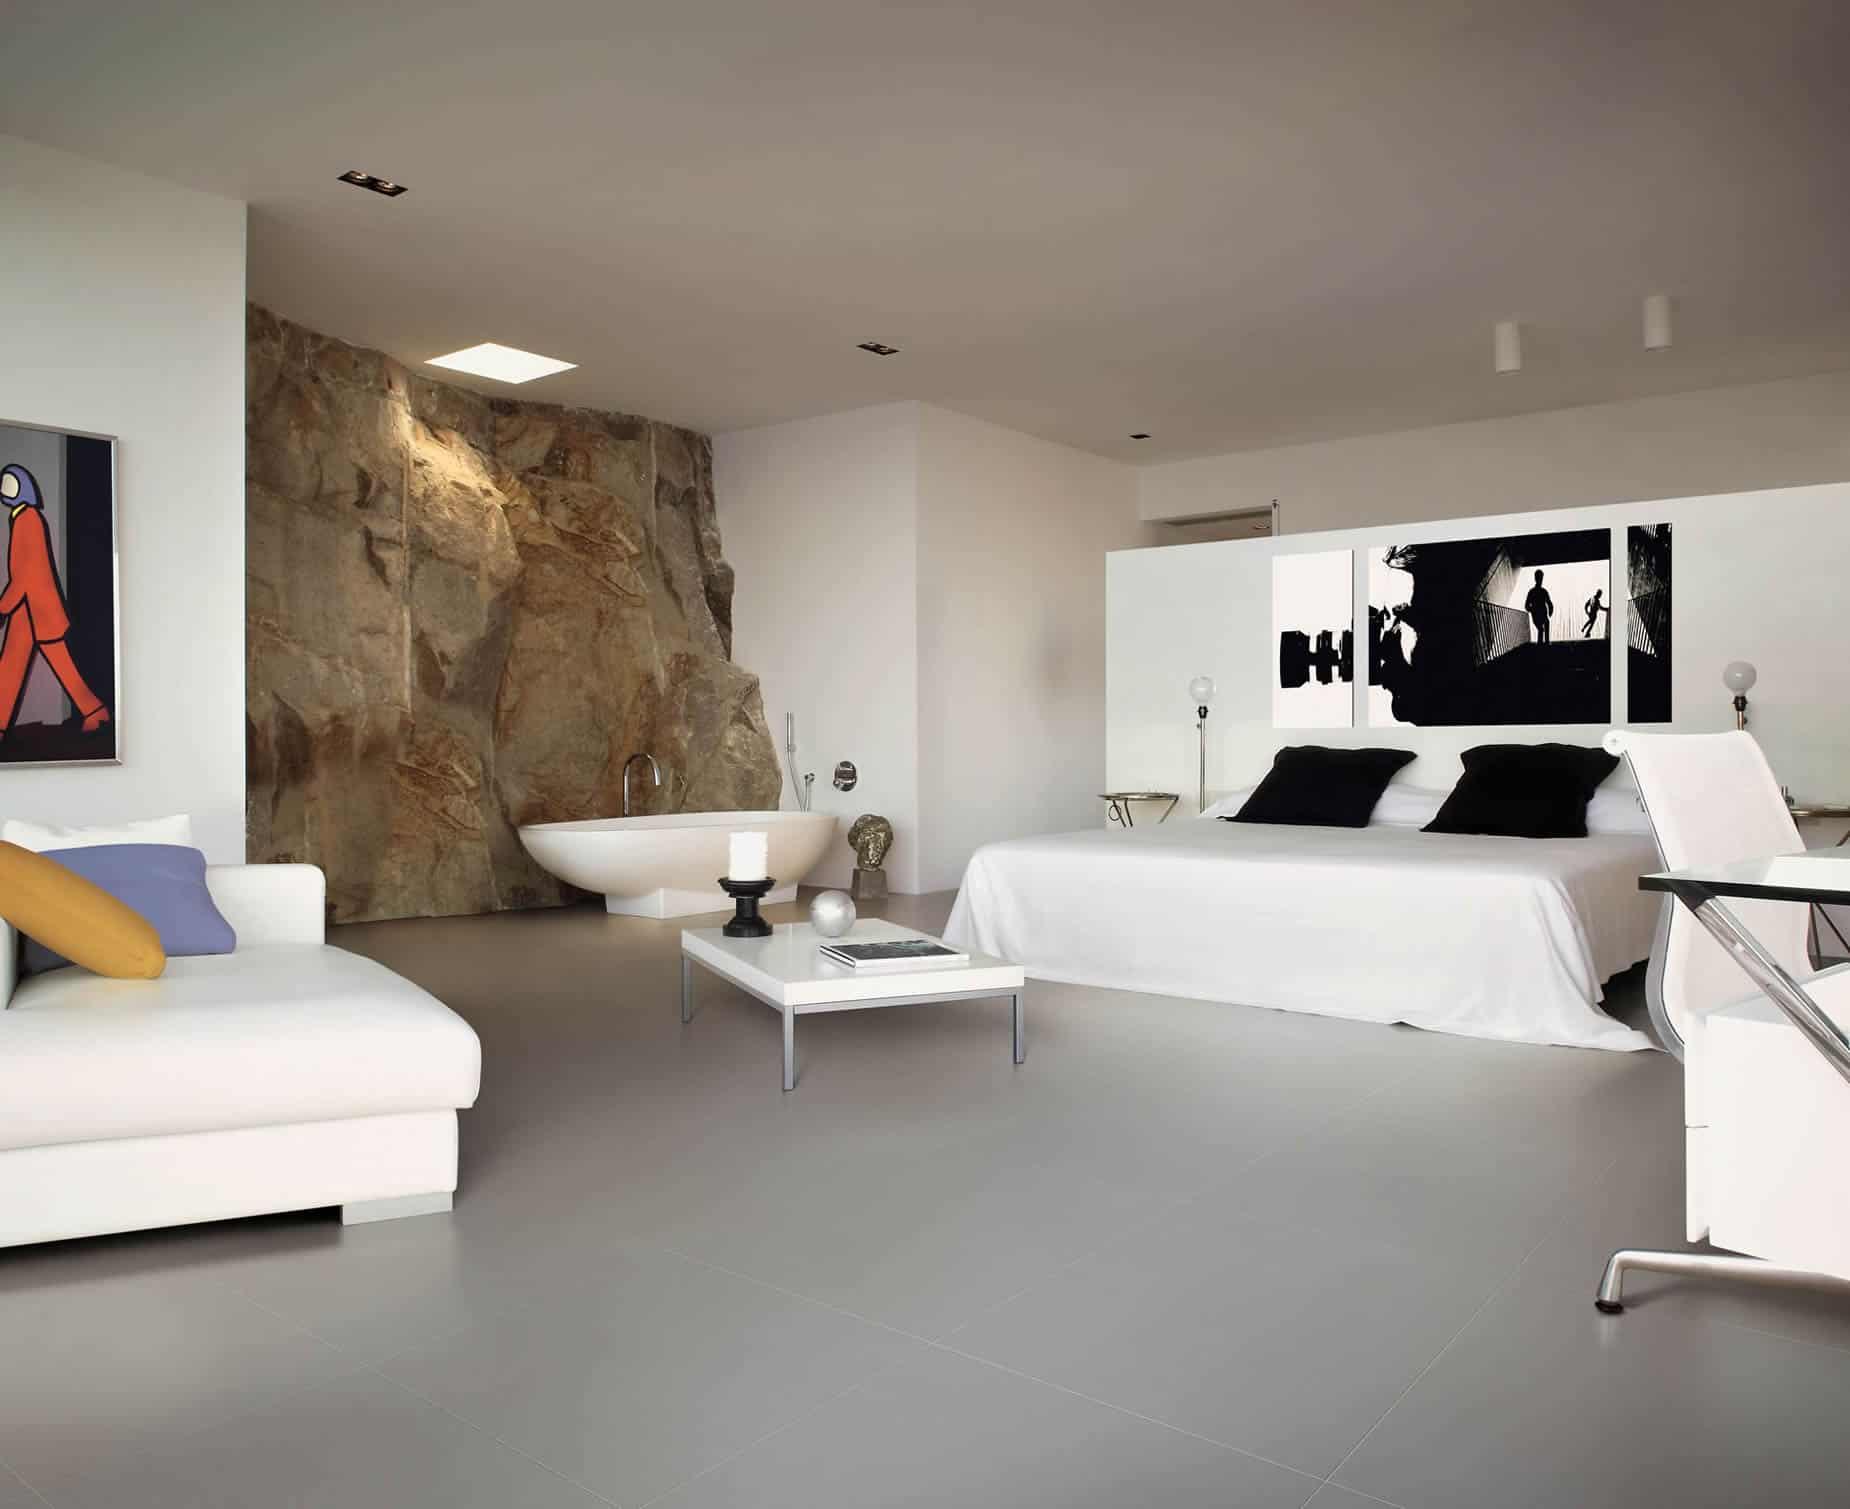 Pavimento Grigio Antracite : Bagni moderni con pavimento scuro finest amazing bagno con